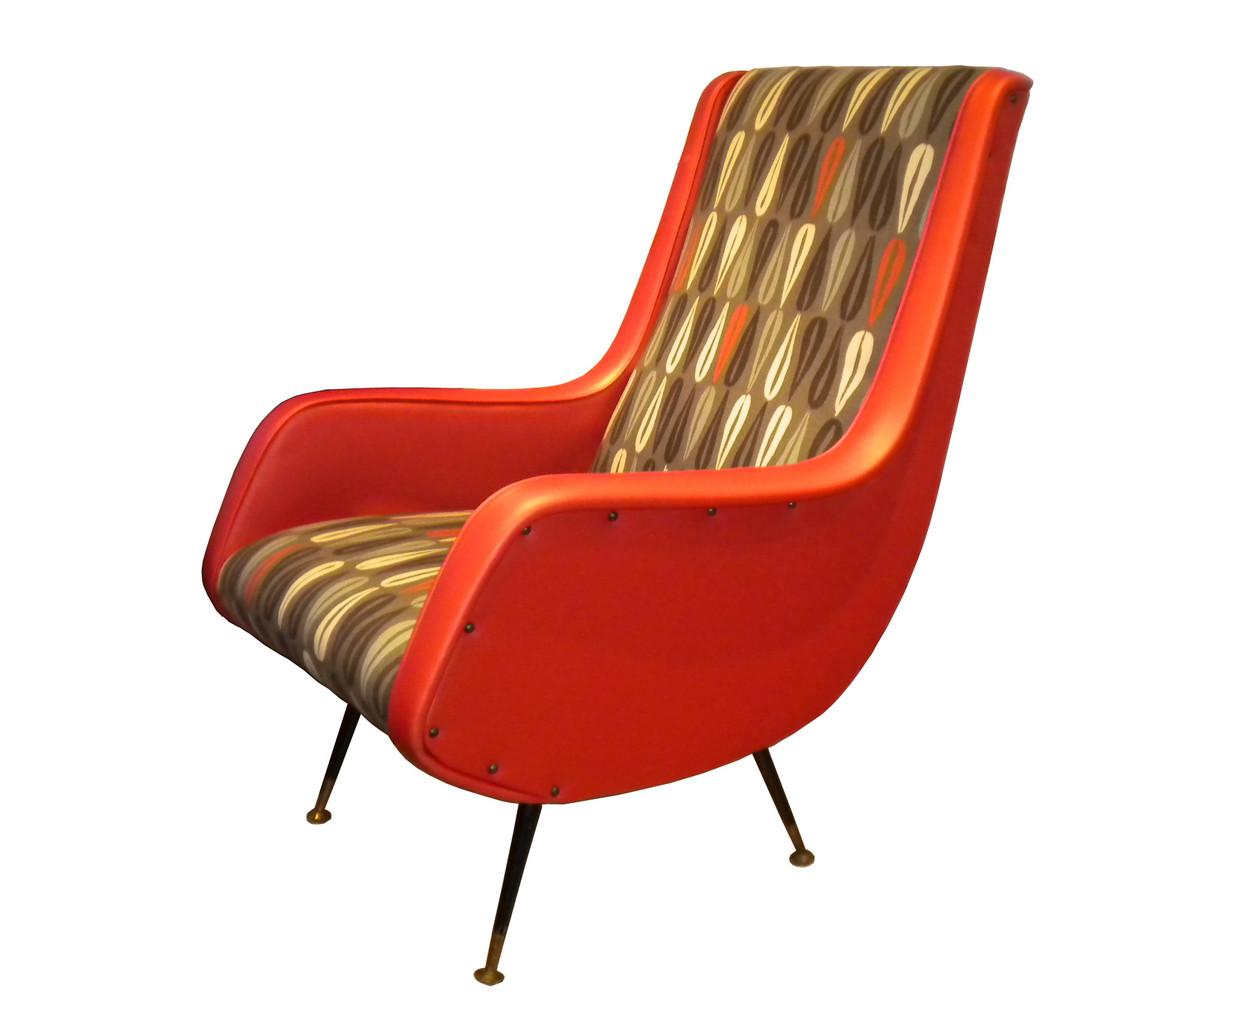 Anni '60 arancione - Italian Vintage Sofa